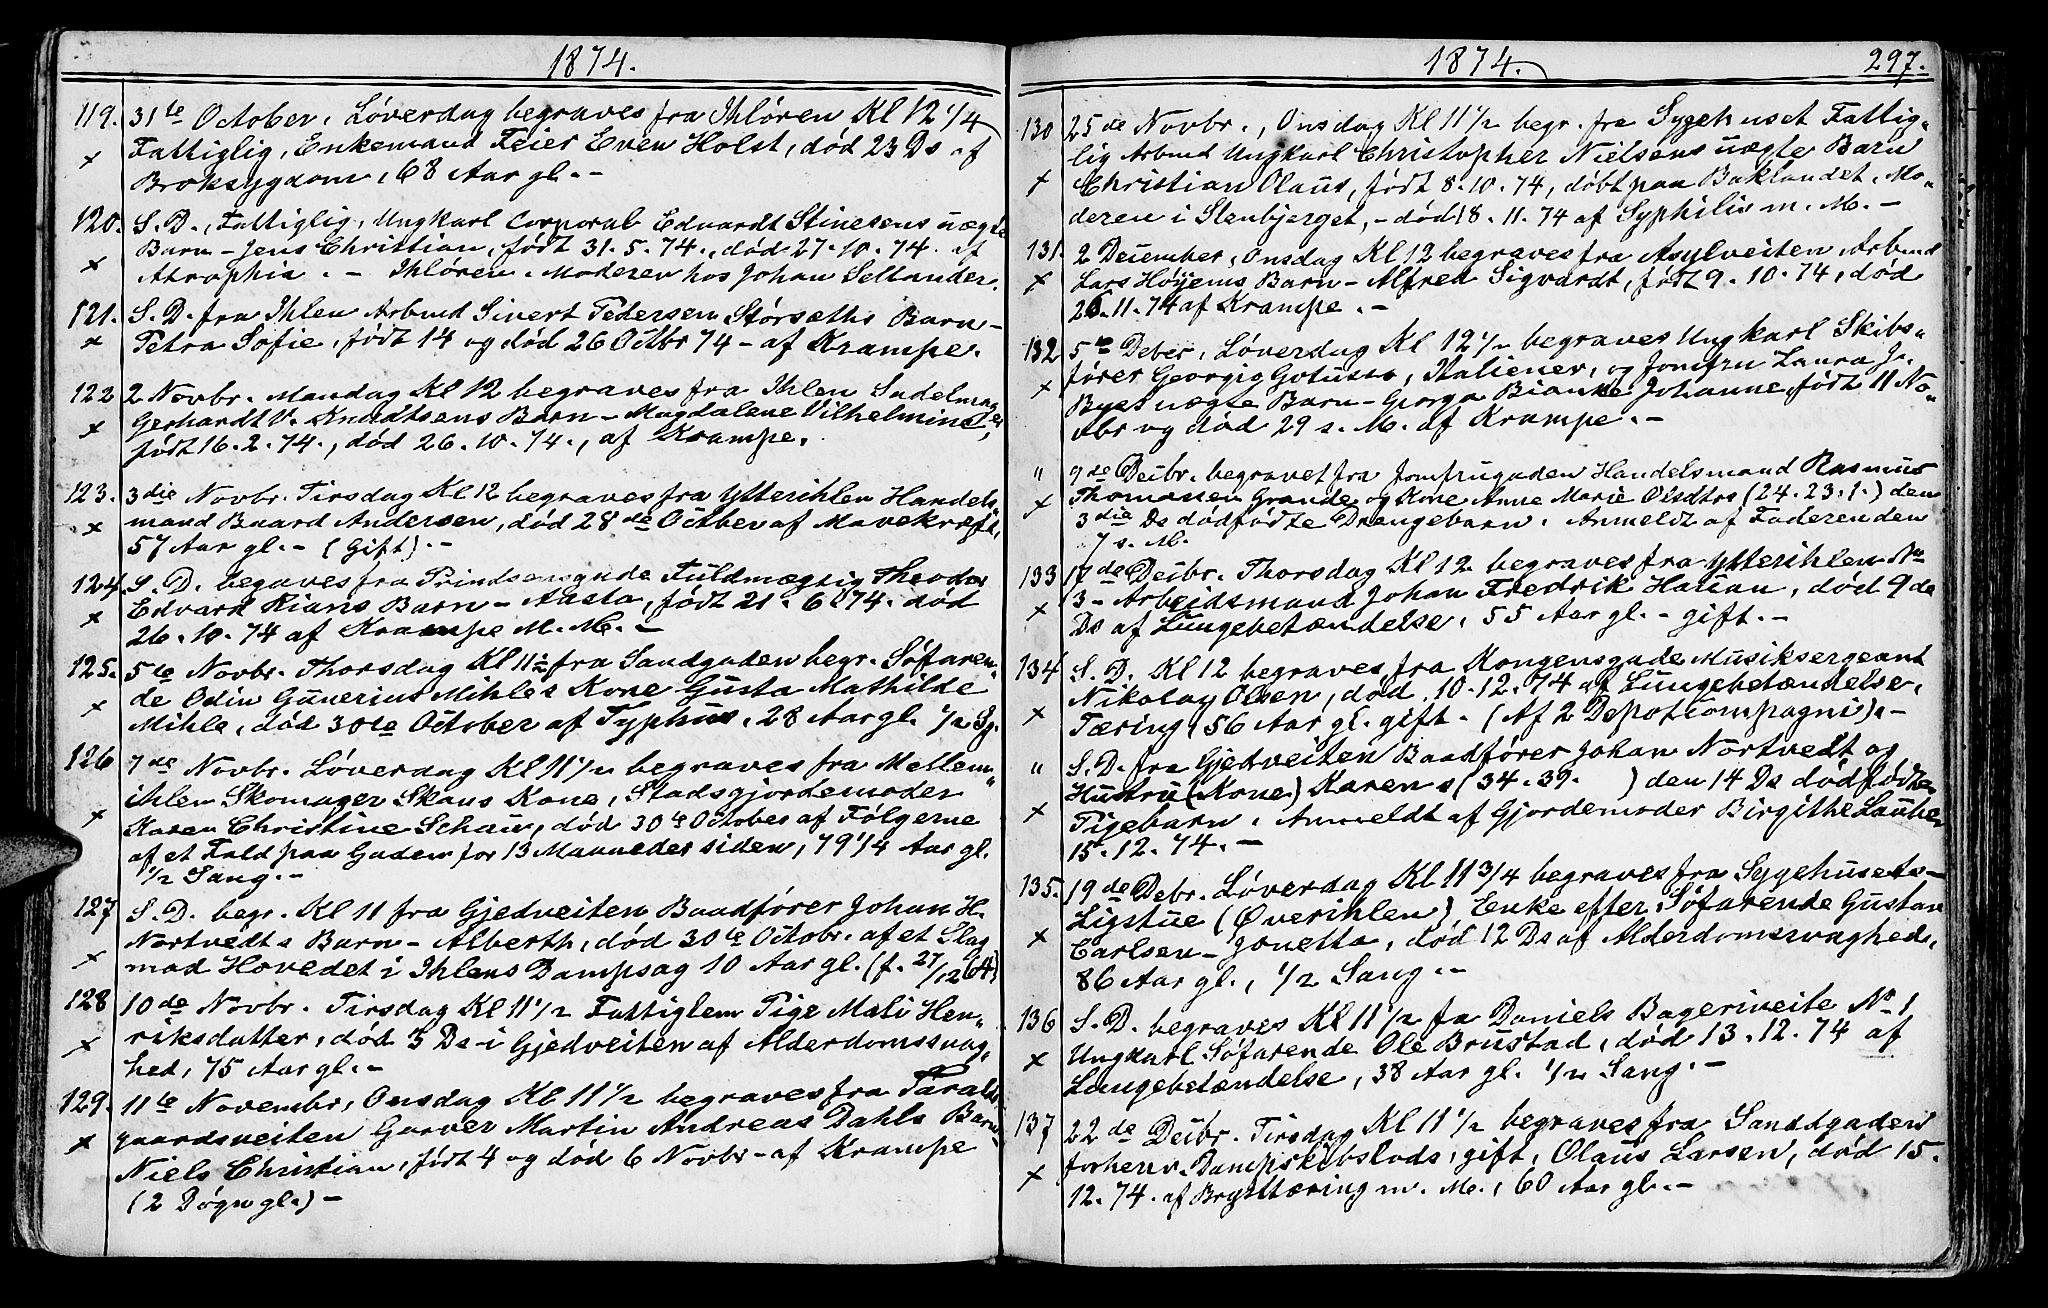 SAT, Ministerialprotokoller, klokkerbøker og fødselsregistre - Sør-Trøndelag, 602/L0142: Klokkerbok nr. 602C10, 1872-1894, s. 297